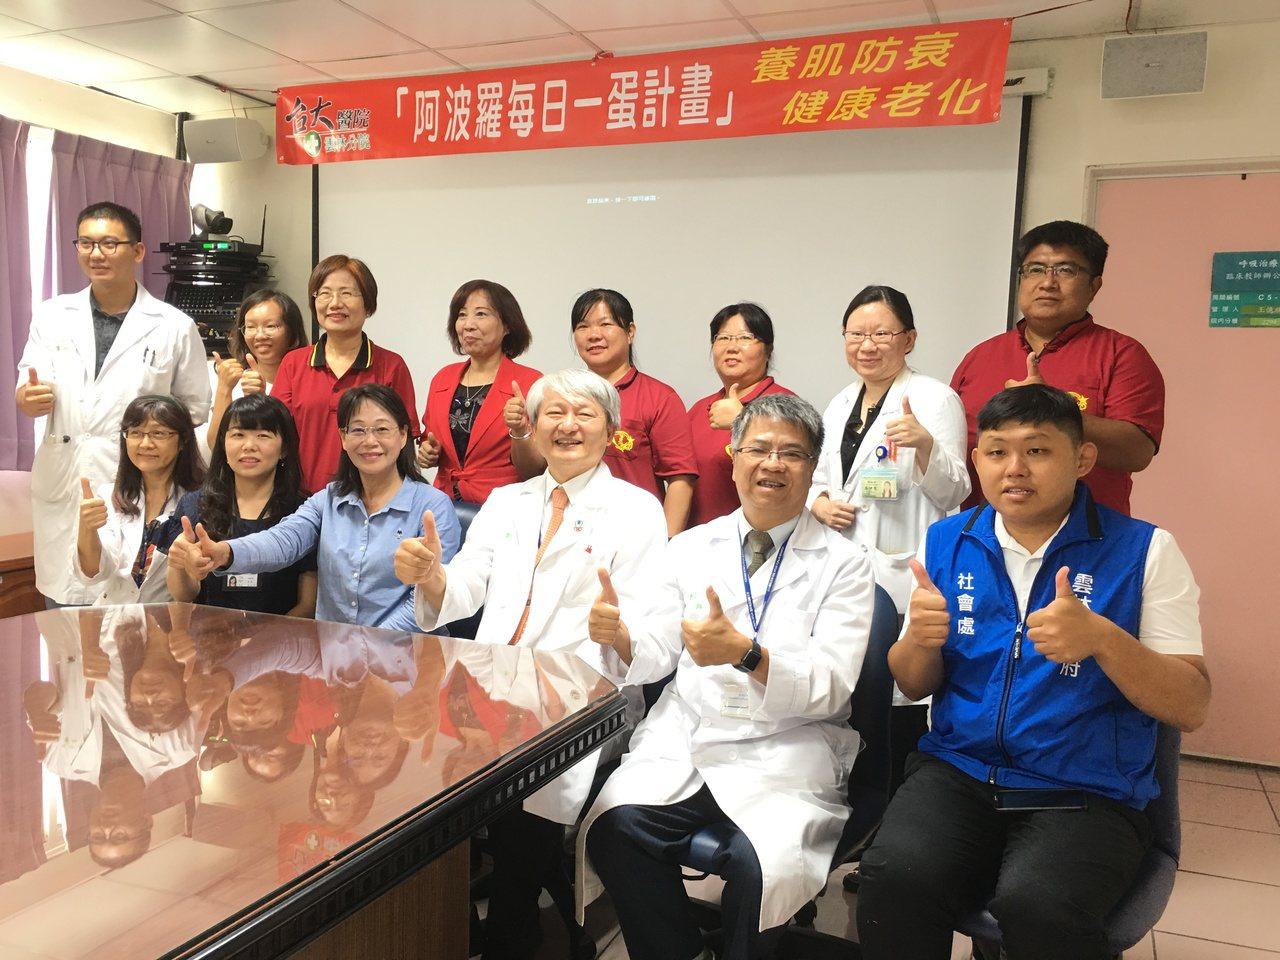 台大醫院雲林分院阿波羅計畫智慧醫療平台今年5月完成100多位65歲以上長者生命徵...